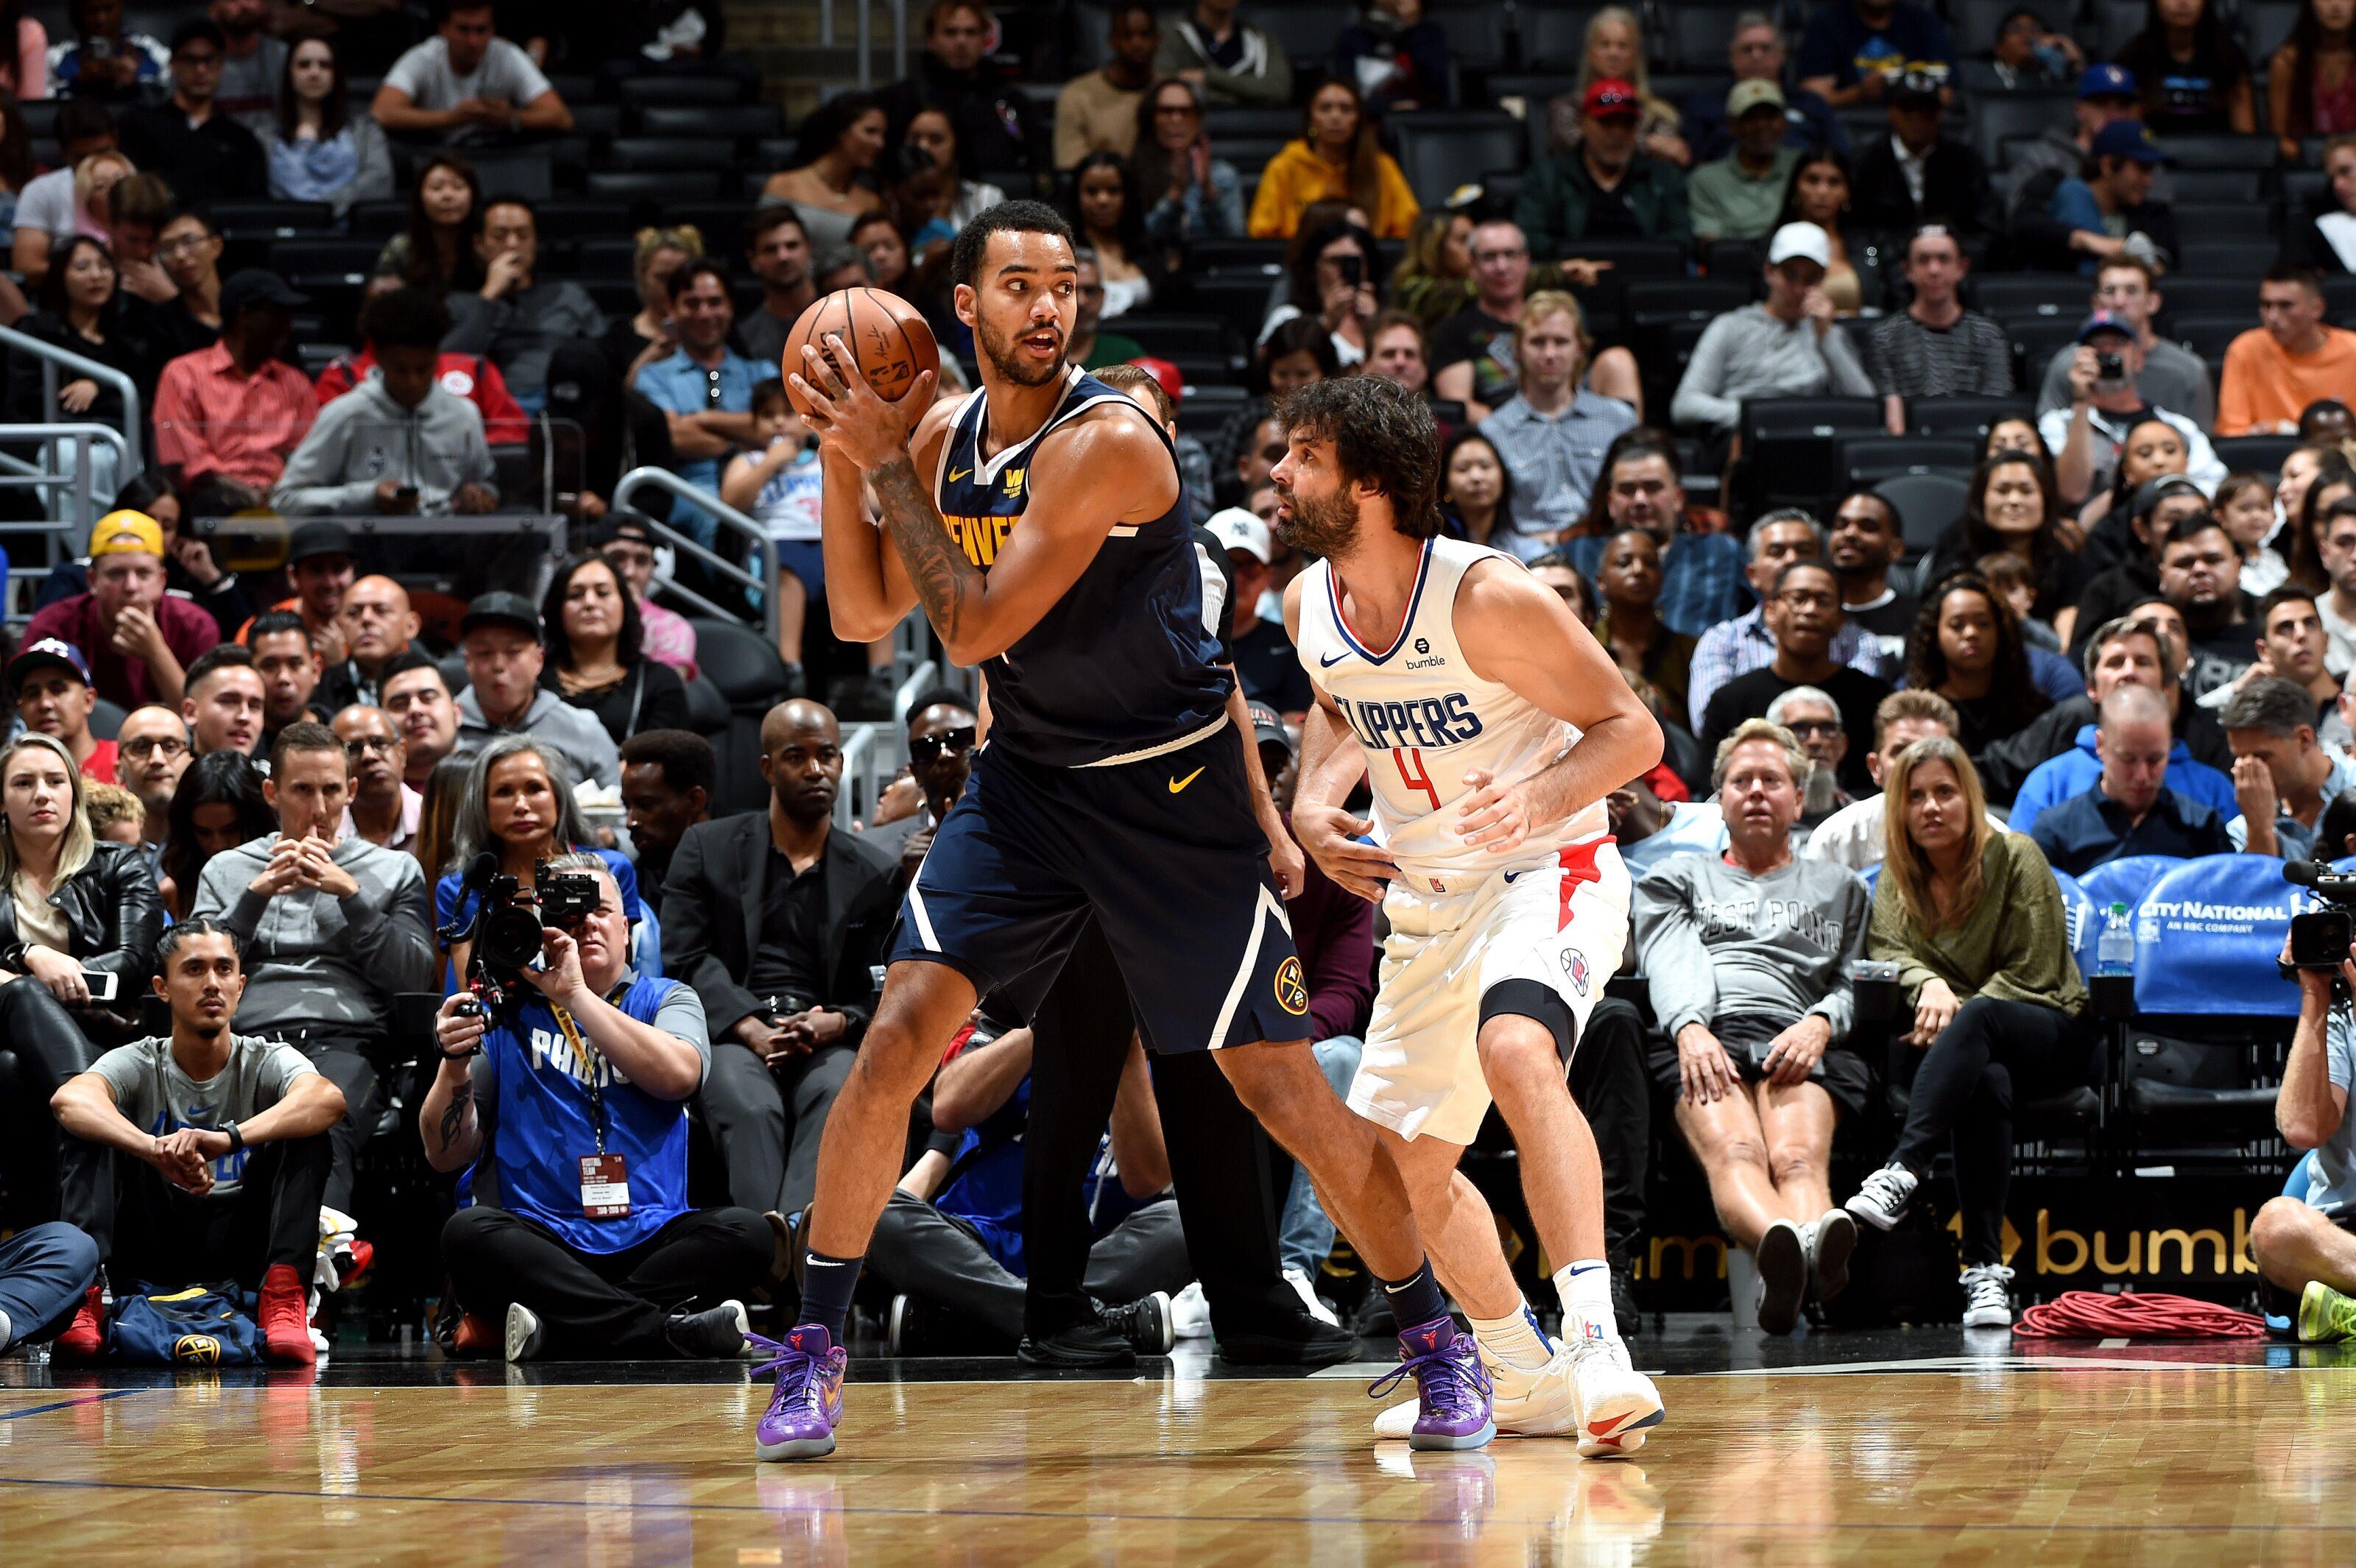 Keys for Denver Nuggets' season opener against Clippers